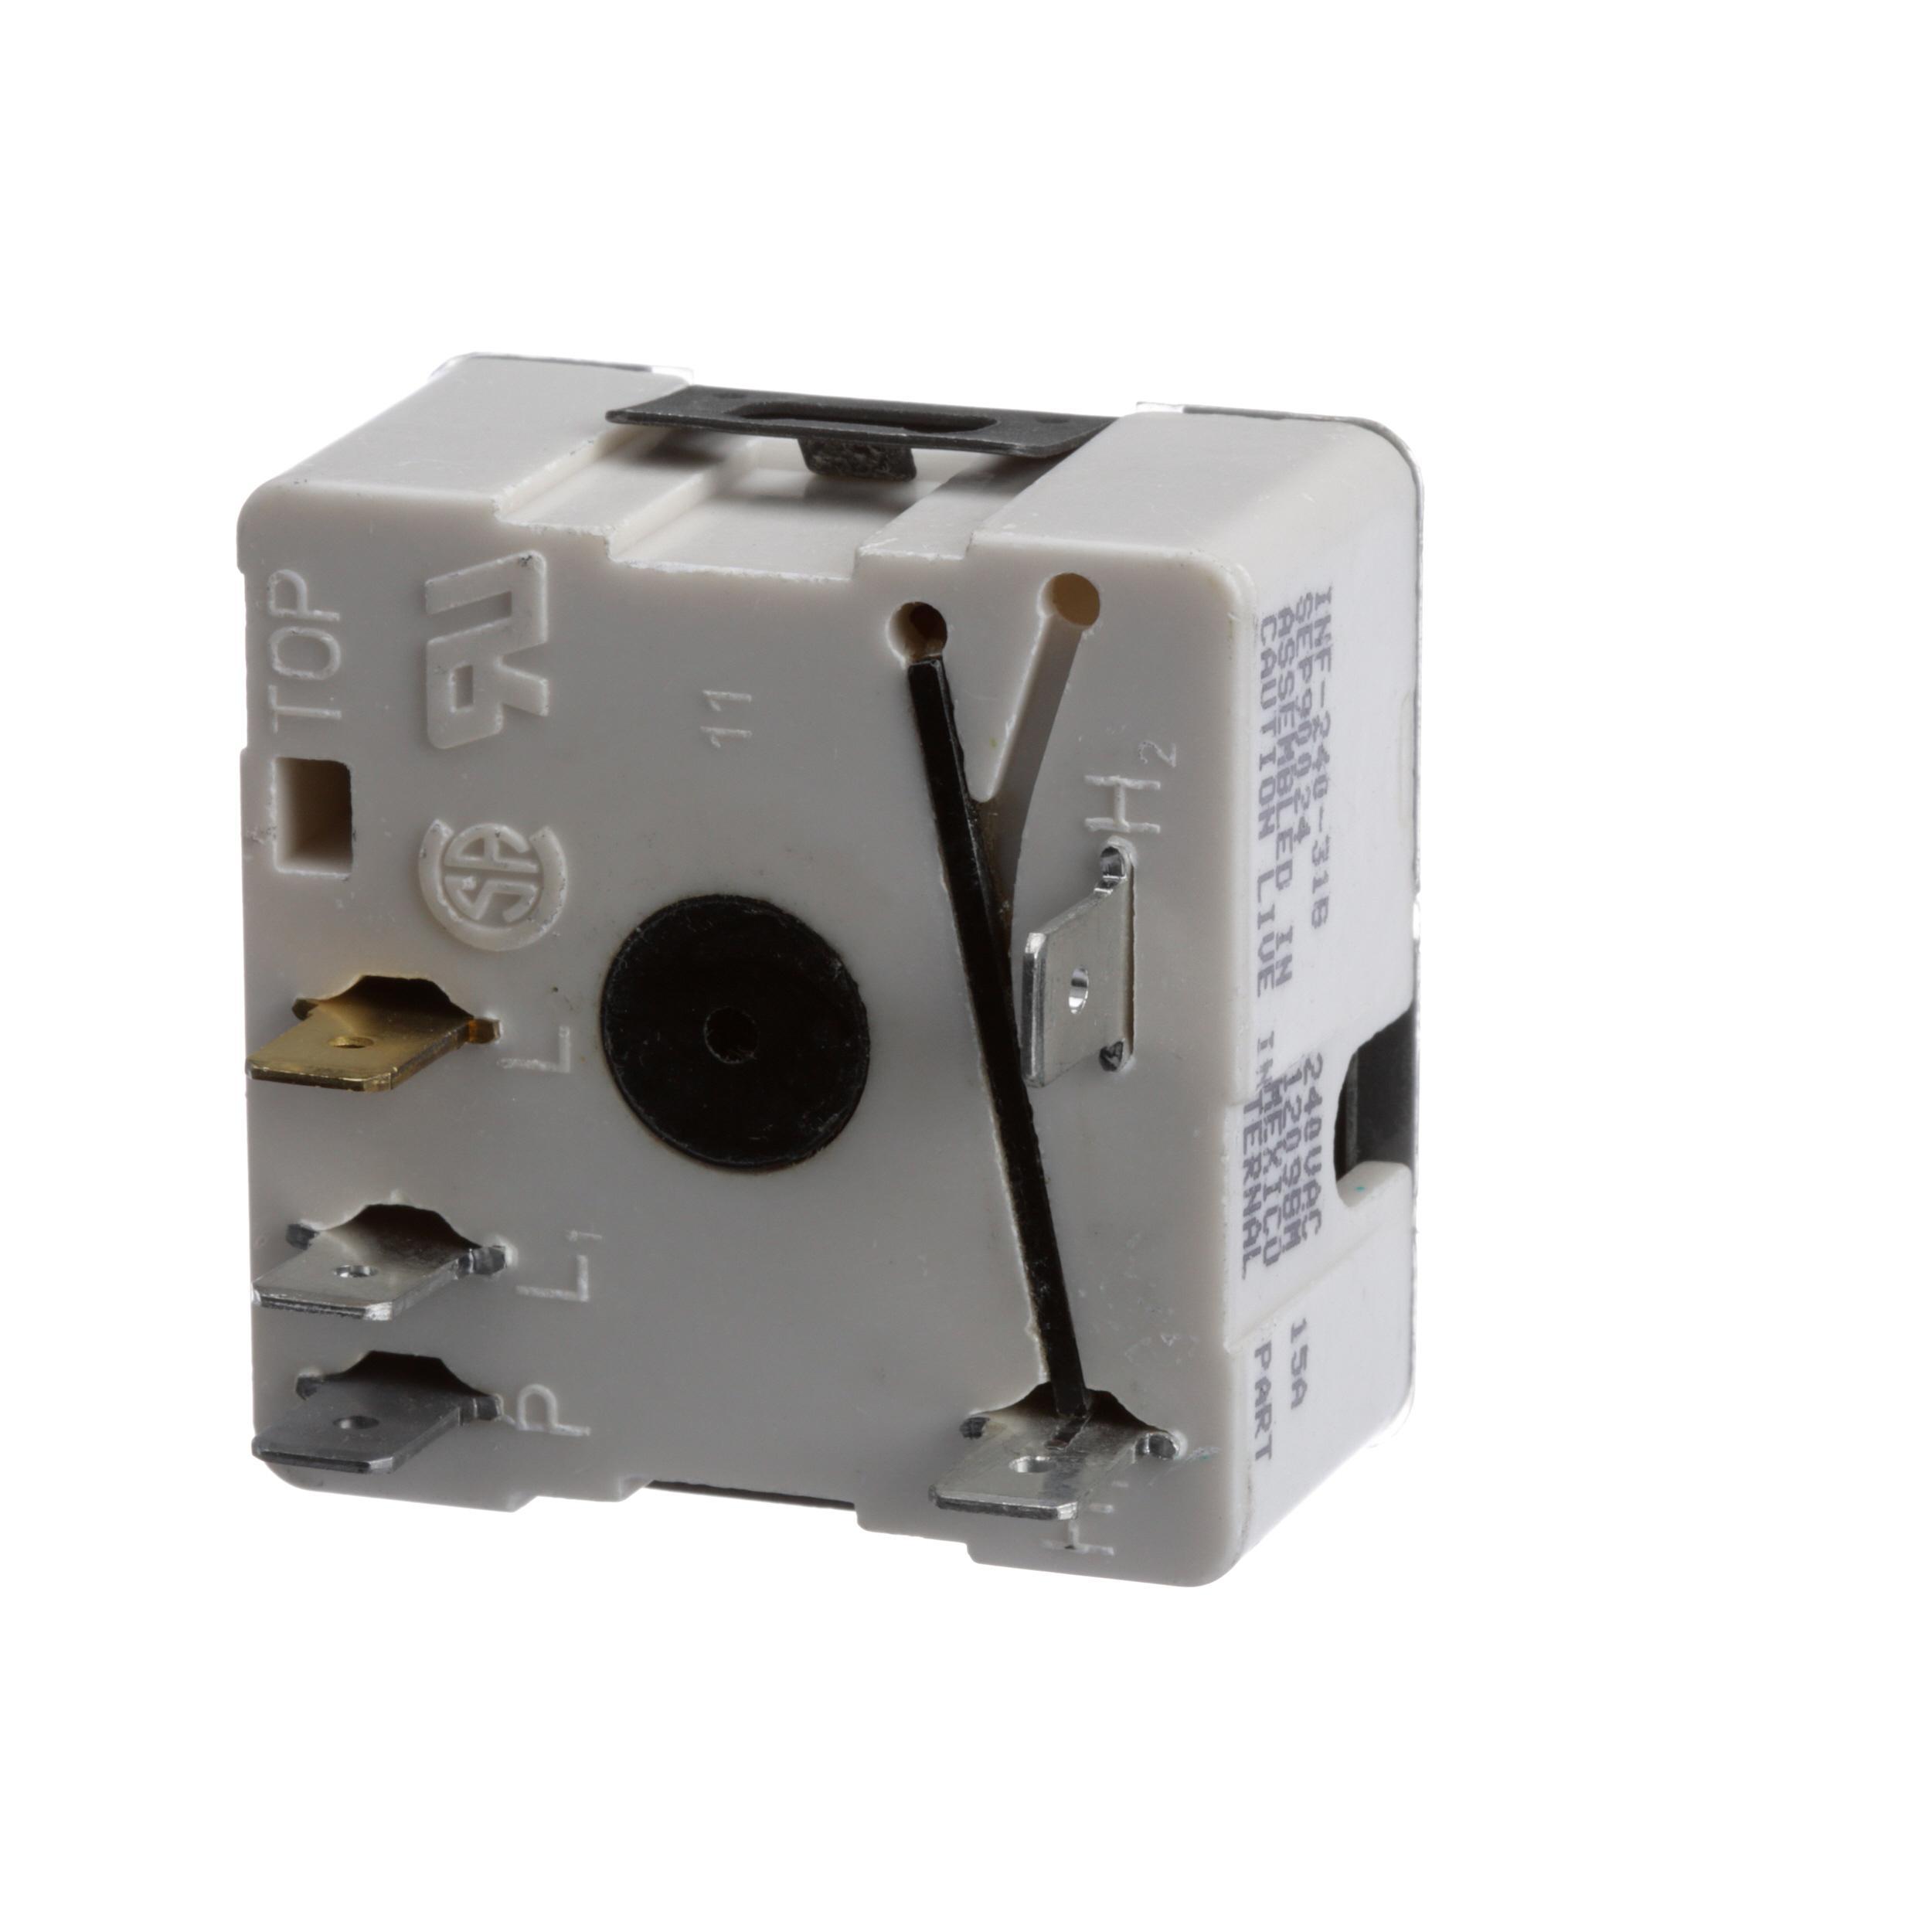 SECO INFINITE CONTROL 240V 15A